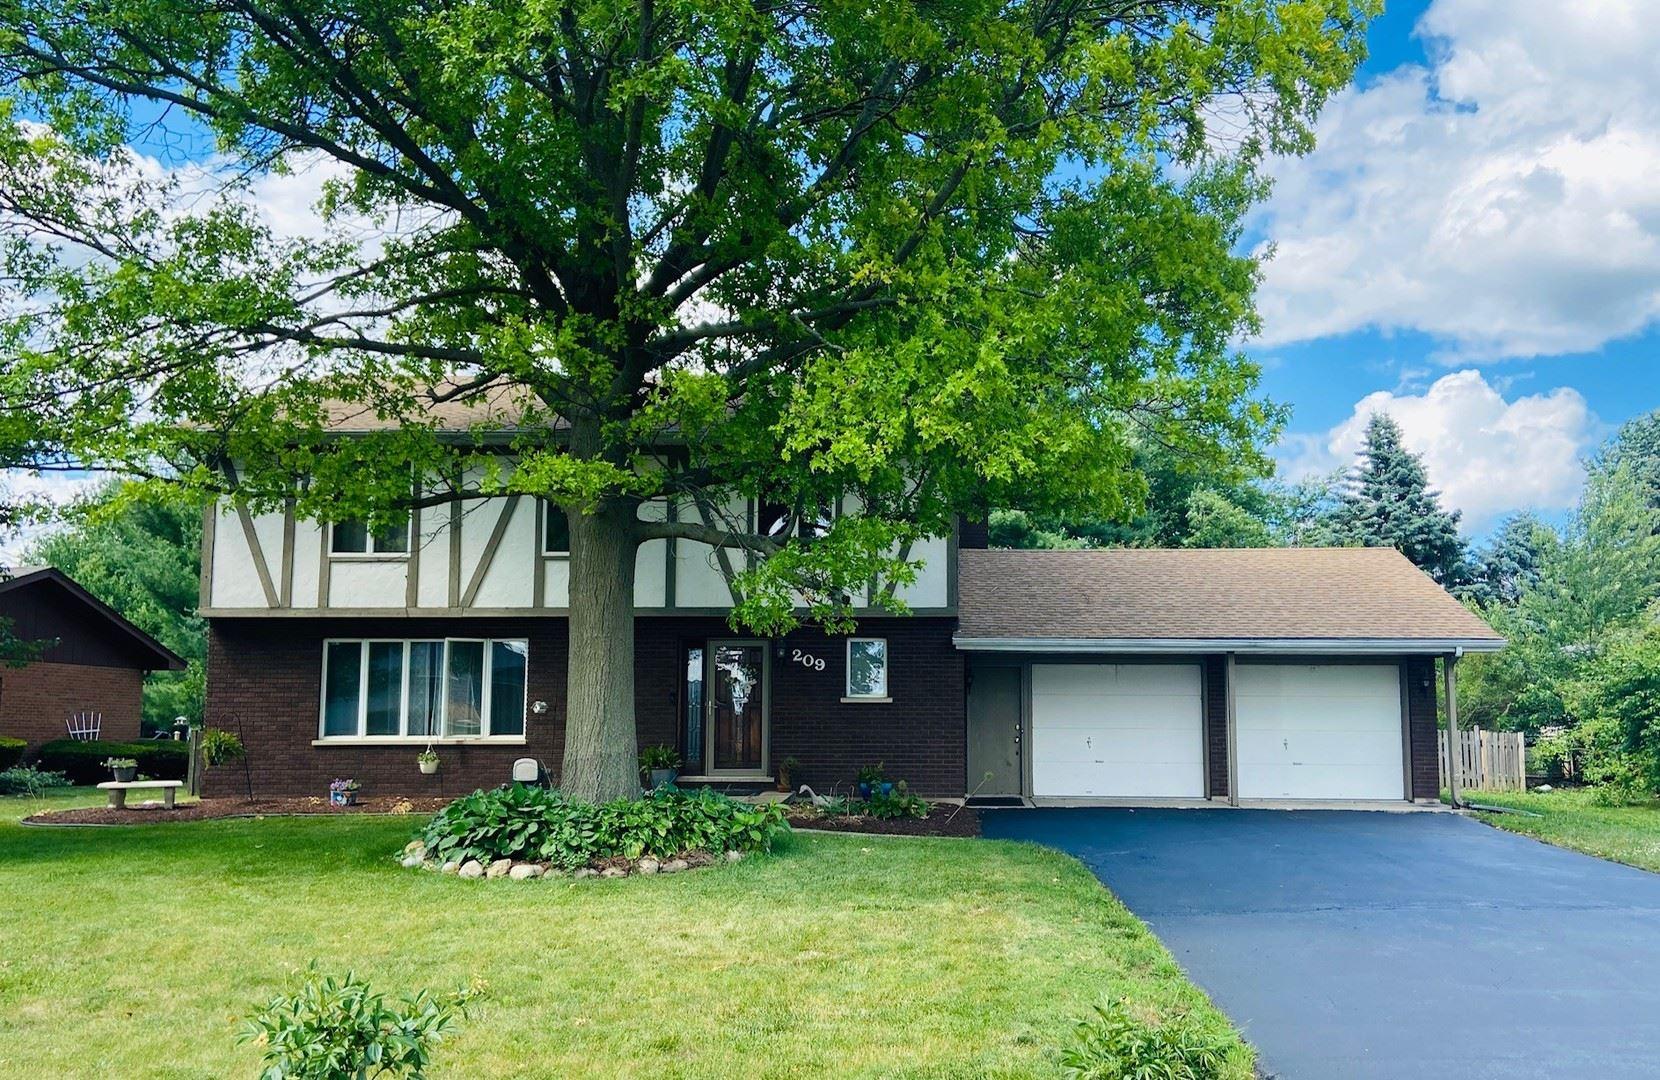 209 Georgeanna Street, Yorkville, IL 60560 - #: 10759441